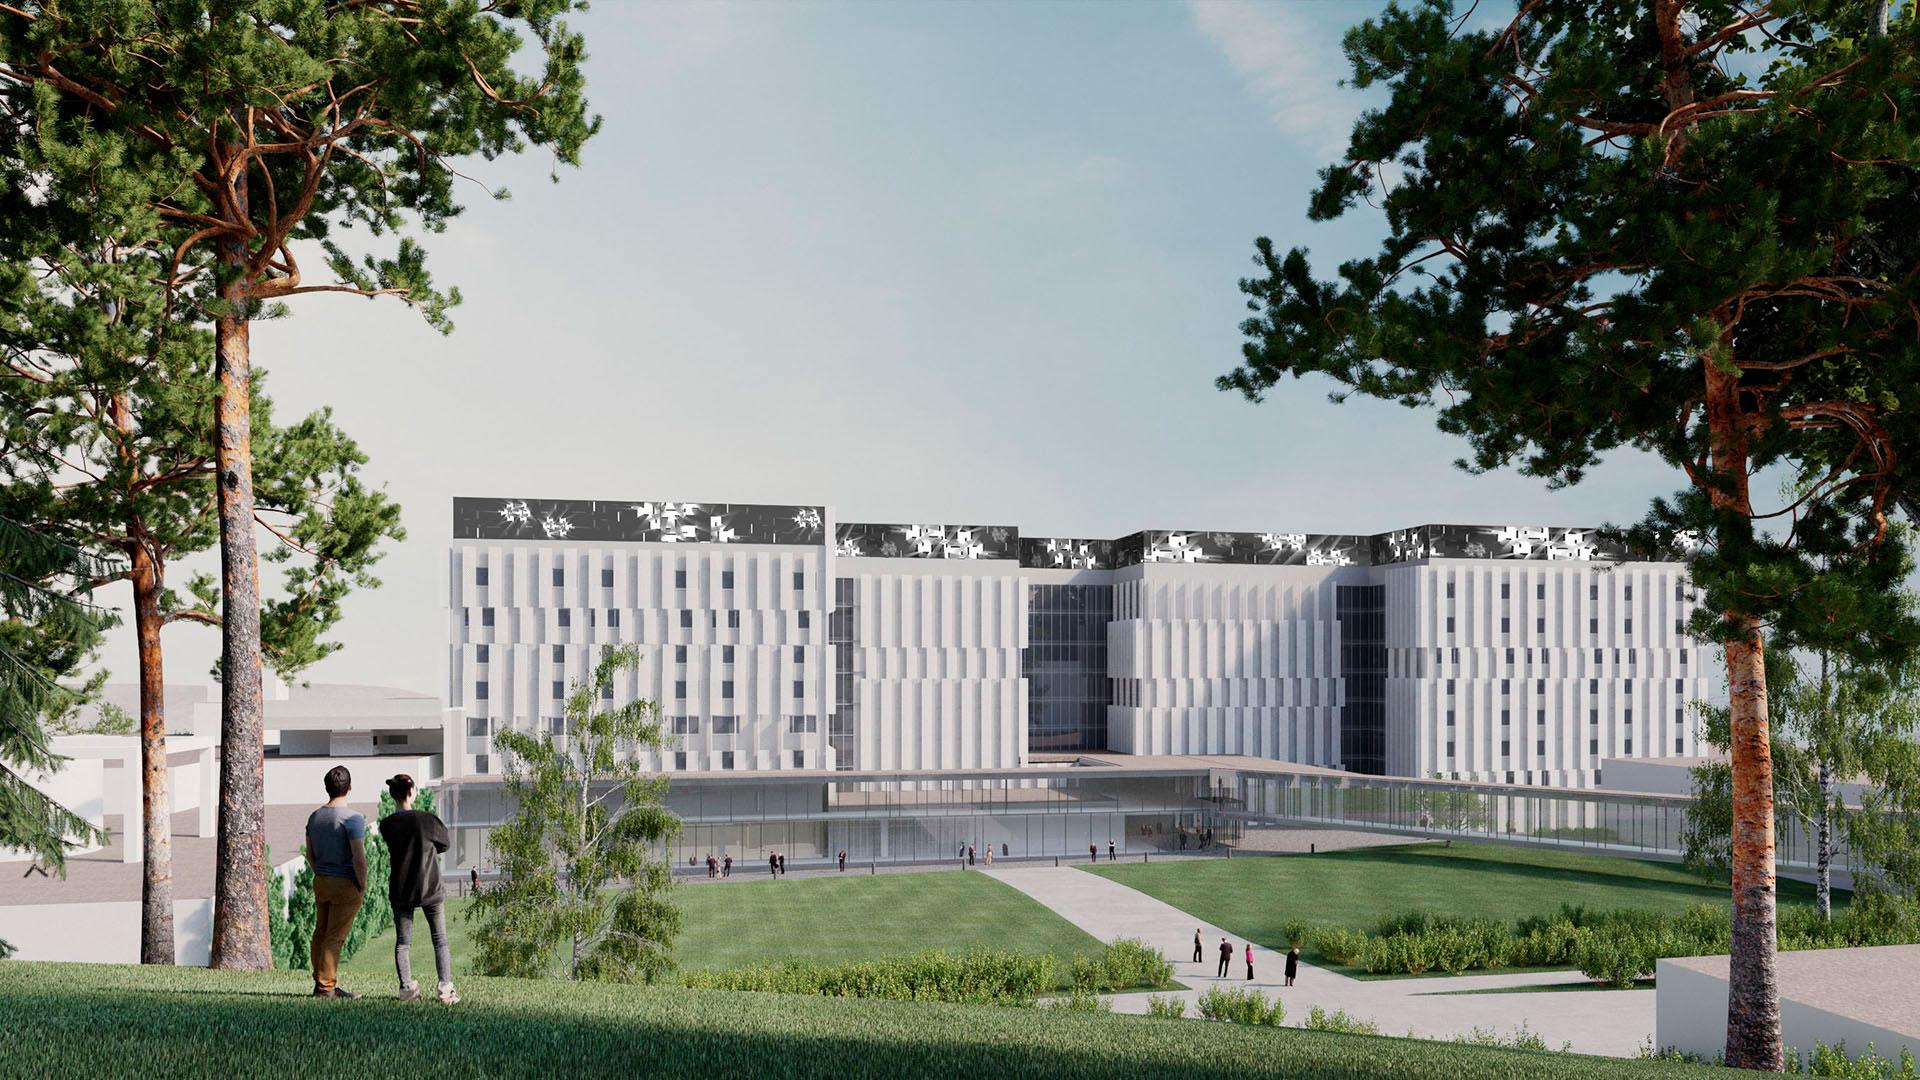 KYS Uusi sydän - sairaalan uudistushanke, Kuopio